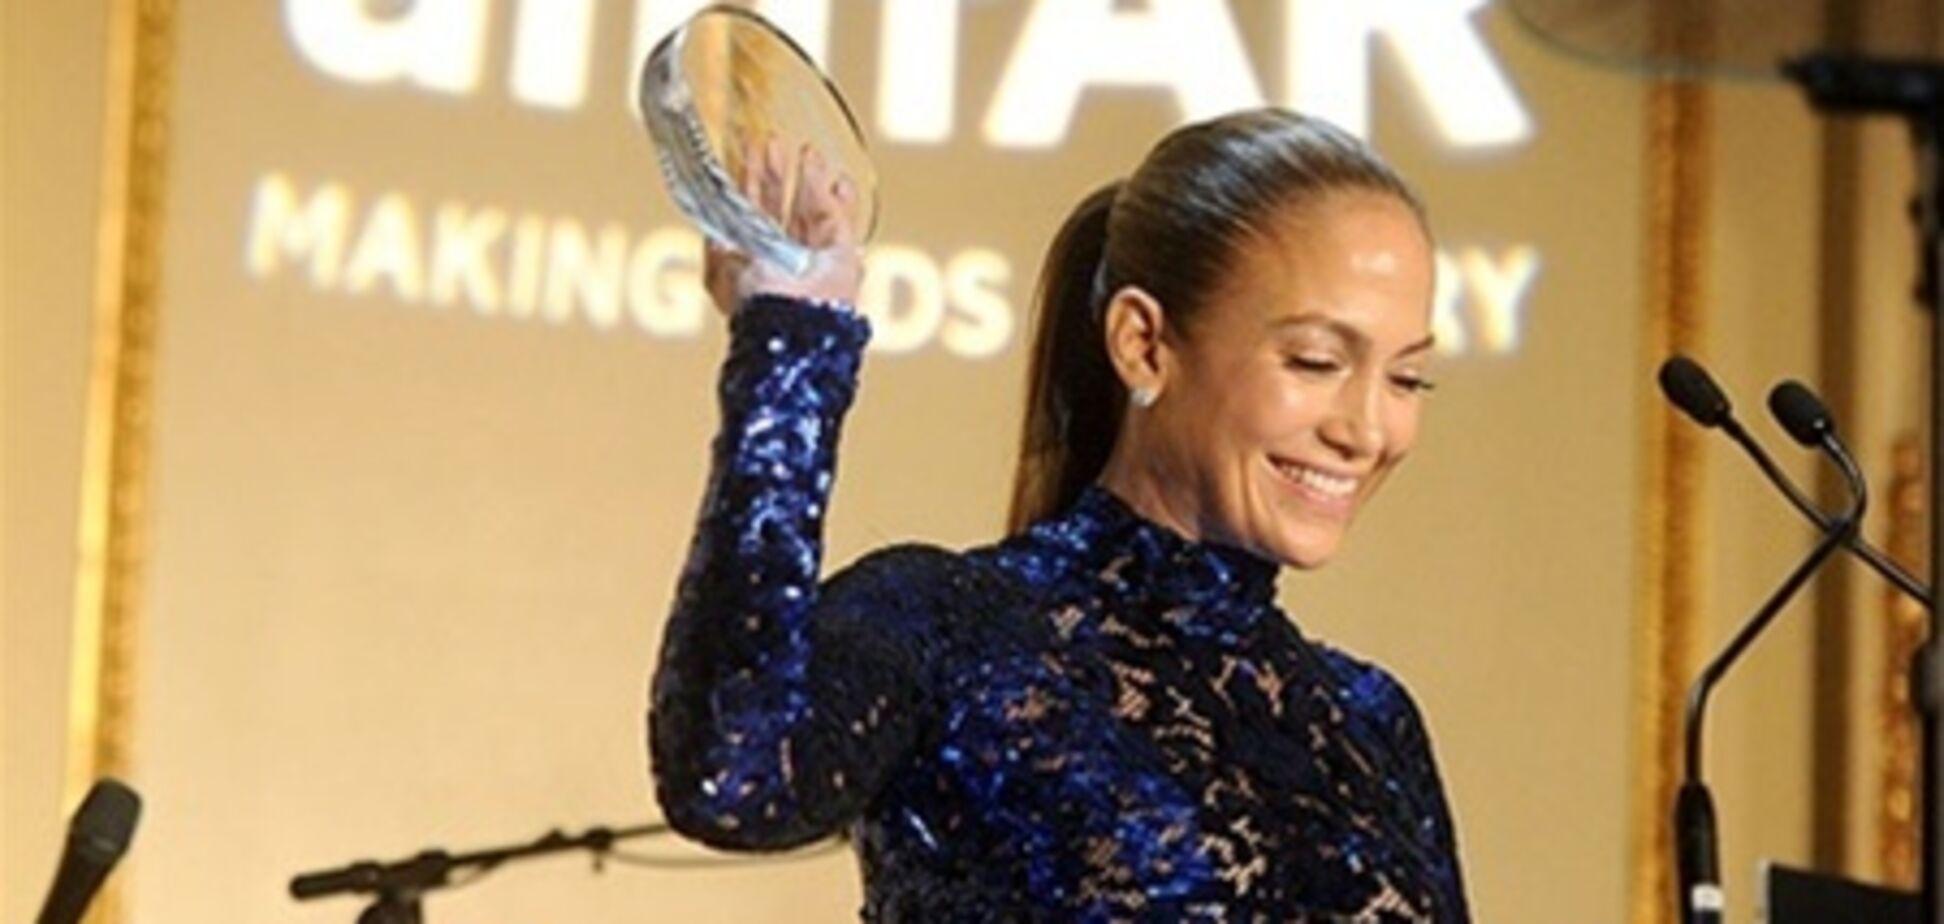 Дженнифер Лопес удостоилась награды amfAR